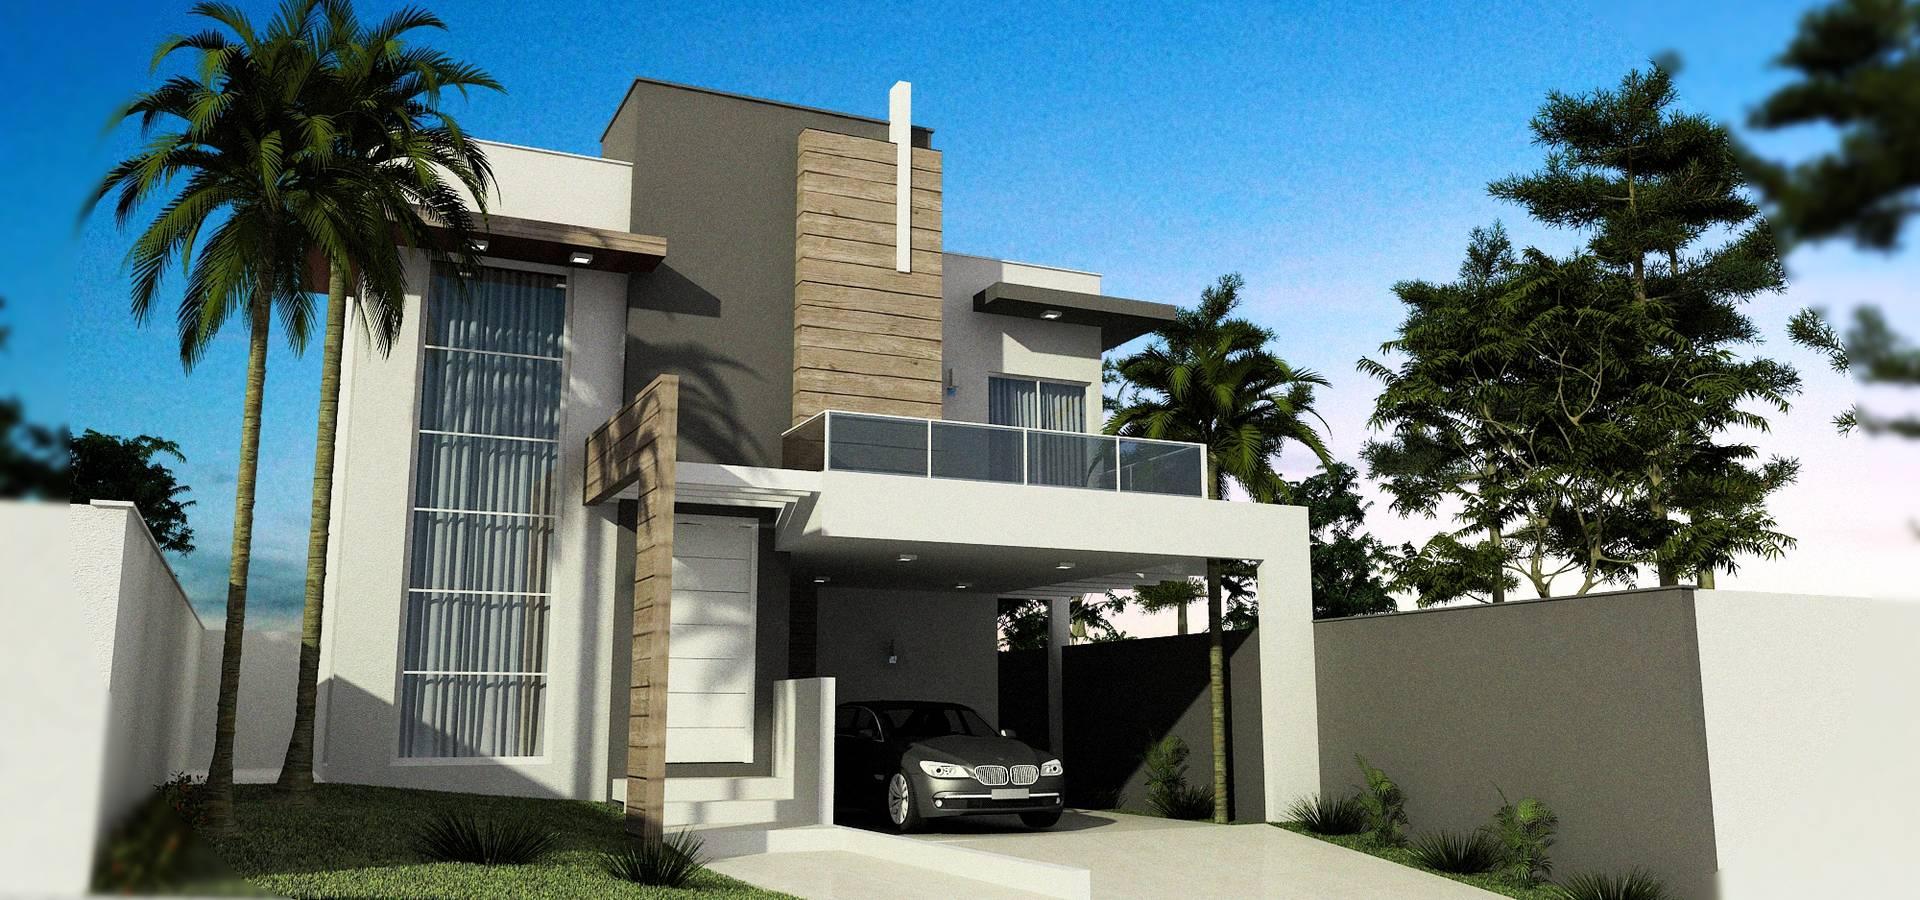 Valente Arquitetura & Construção